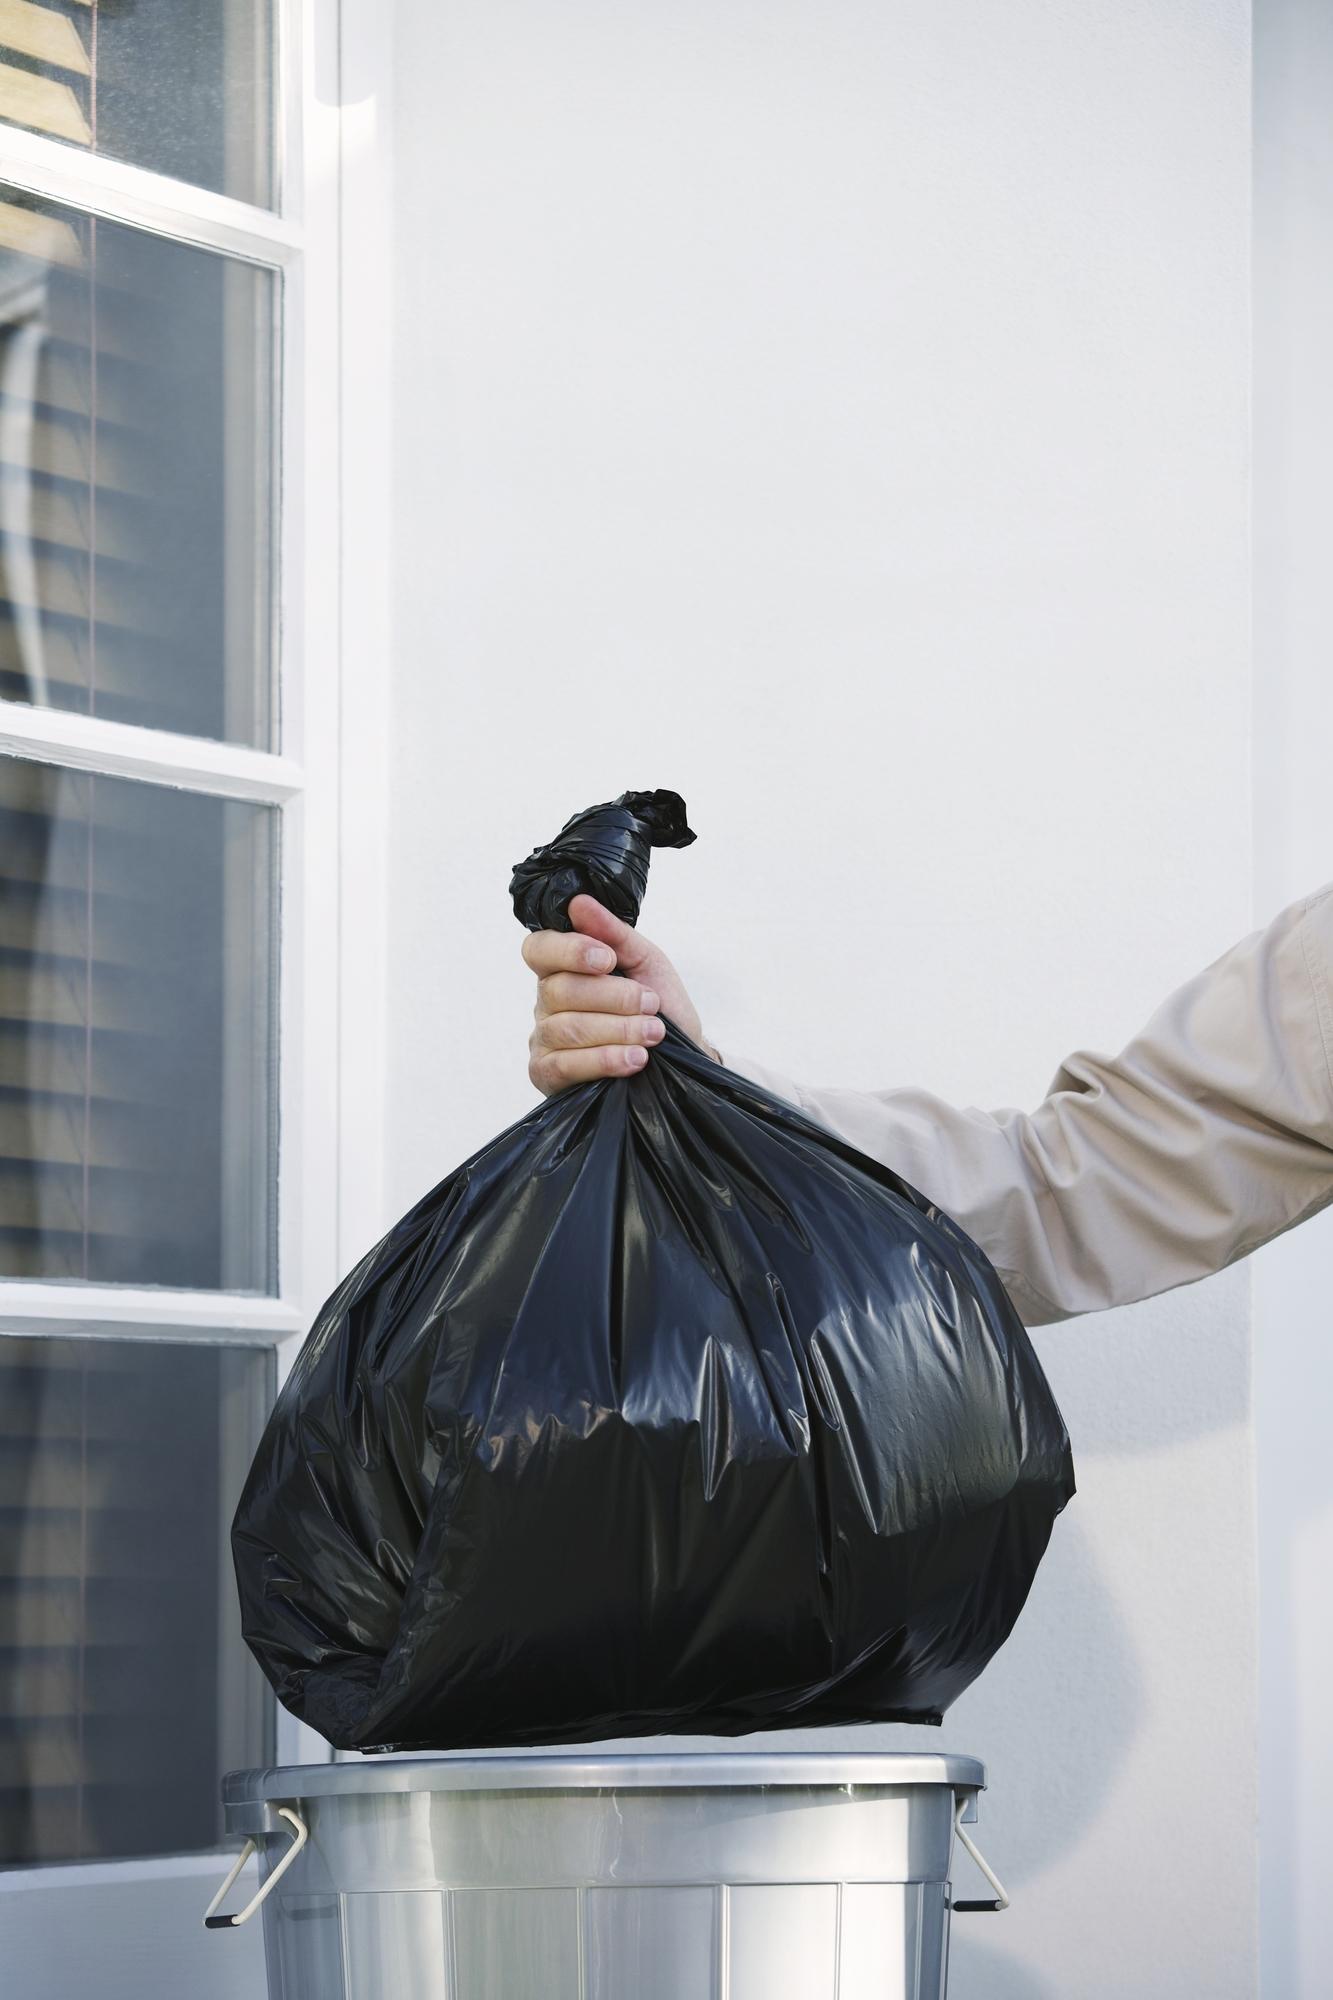 trash compactor service